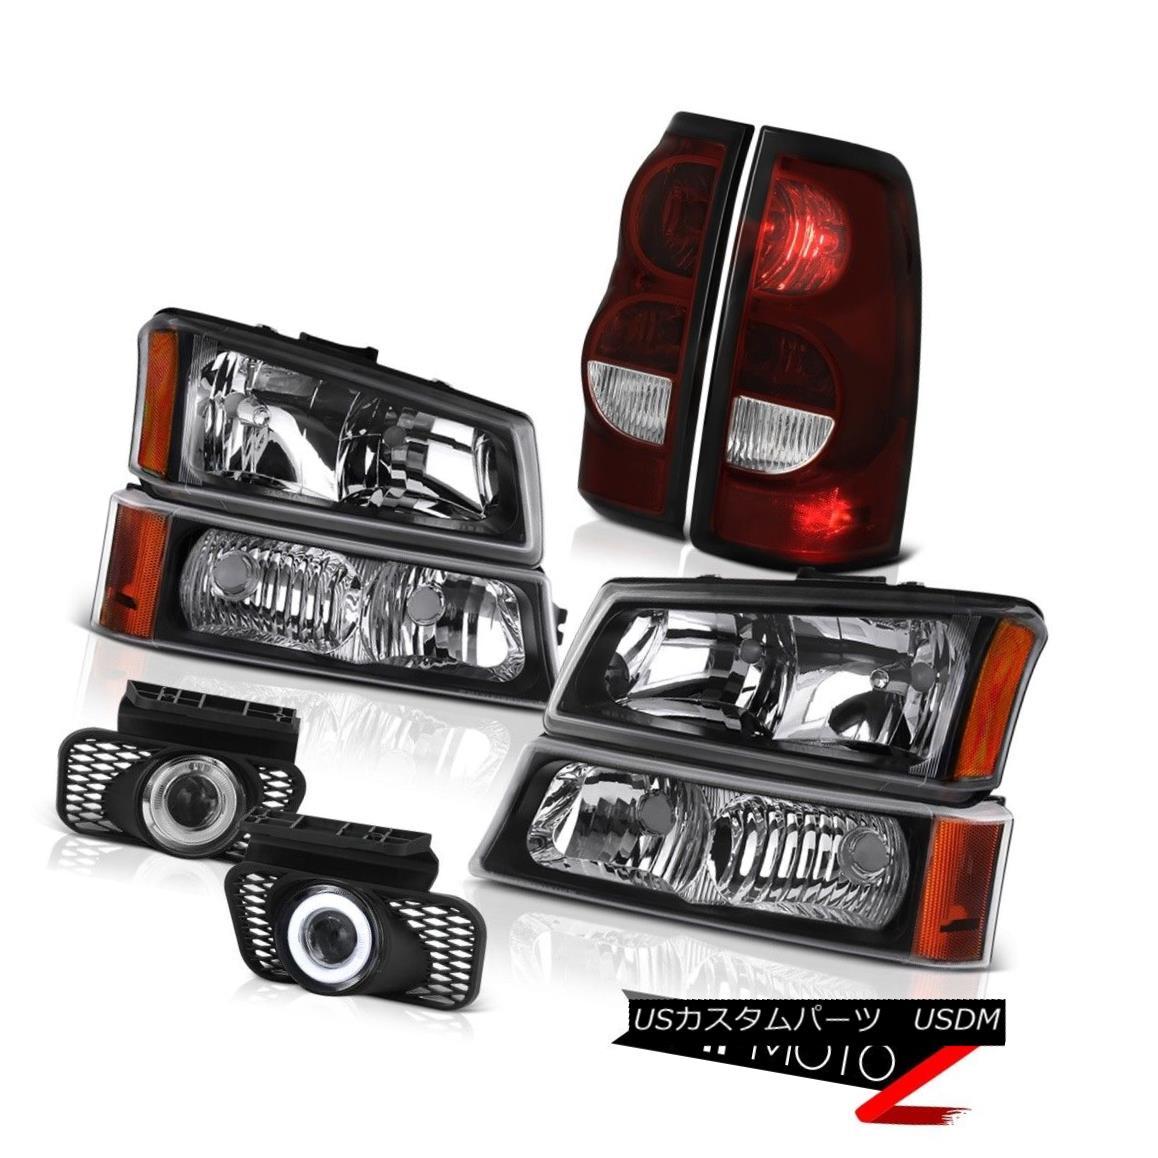 テールライト 2003-2006 Silverado Sterling Chrome Fog Lamps Tail Lights Matte Black Headlights 2003-2006 Silverado Sterlingクロームフォグランプテールライトマットブラックヘッドライト